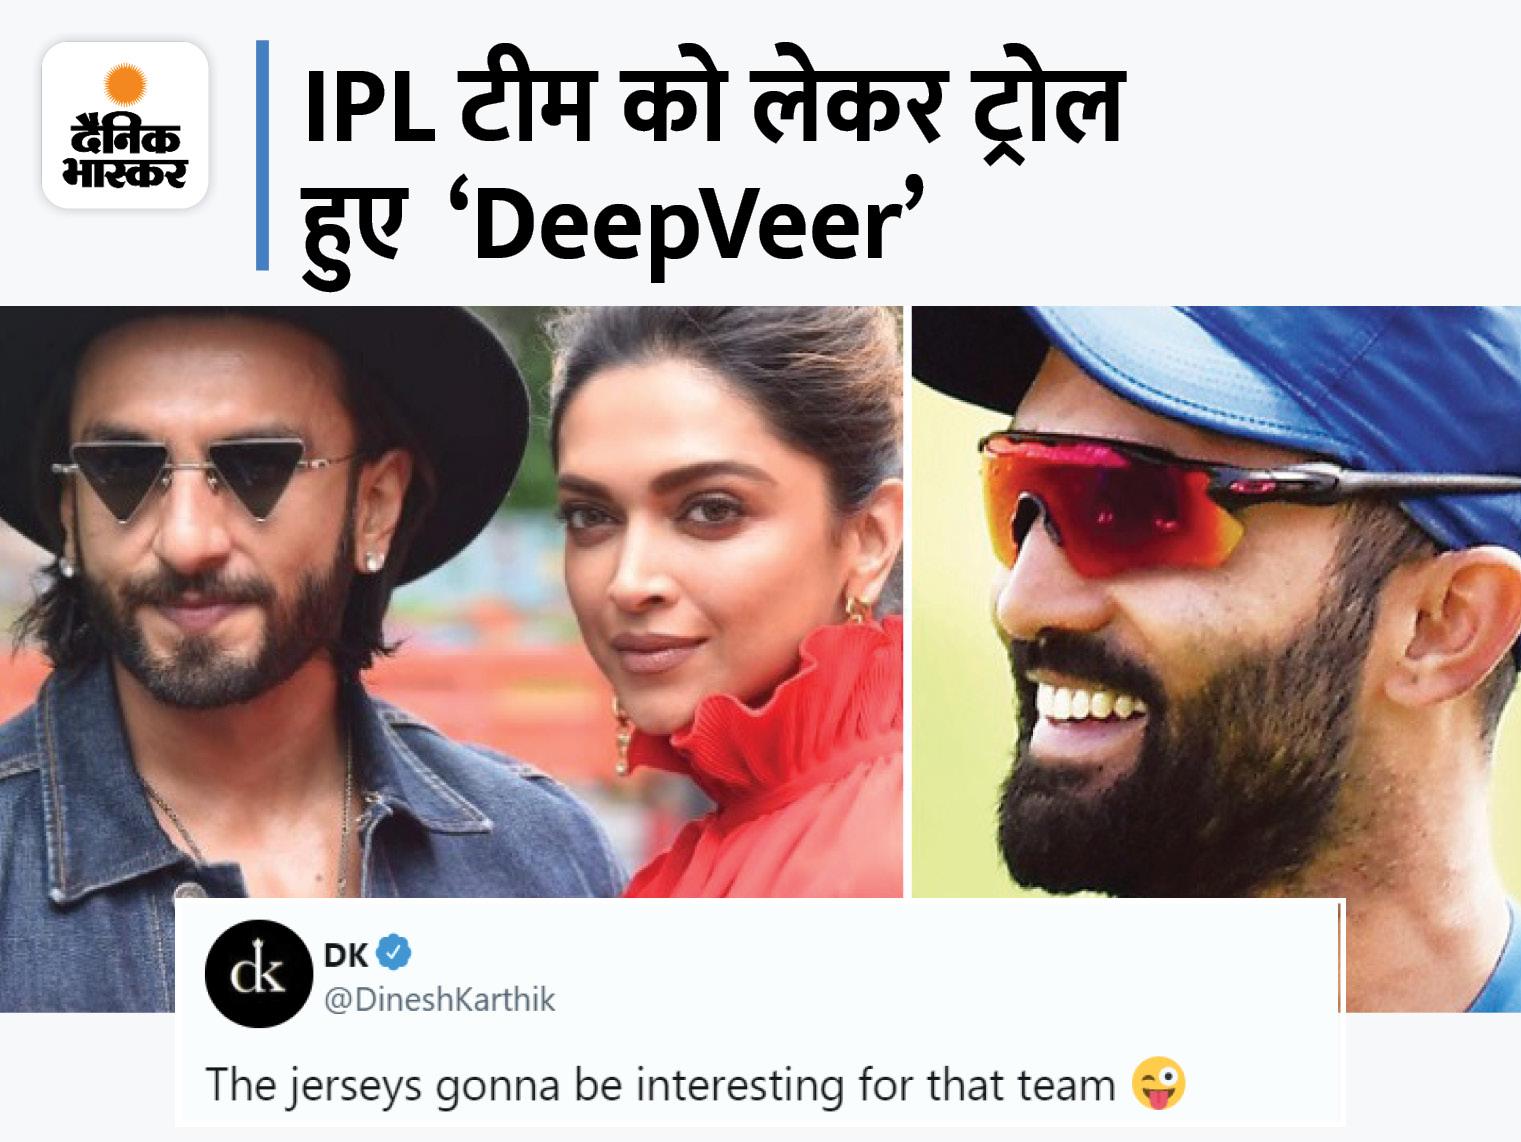 अब क्रिकेट के मैदान पर उतरेगी ये जोड़ी, दिनेश कार्तिक और फैंस ने लिए मजे|बॉलीवुड,Bollywood - Dainik Bhaskar